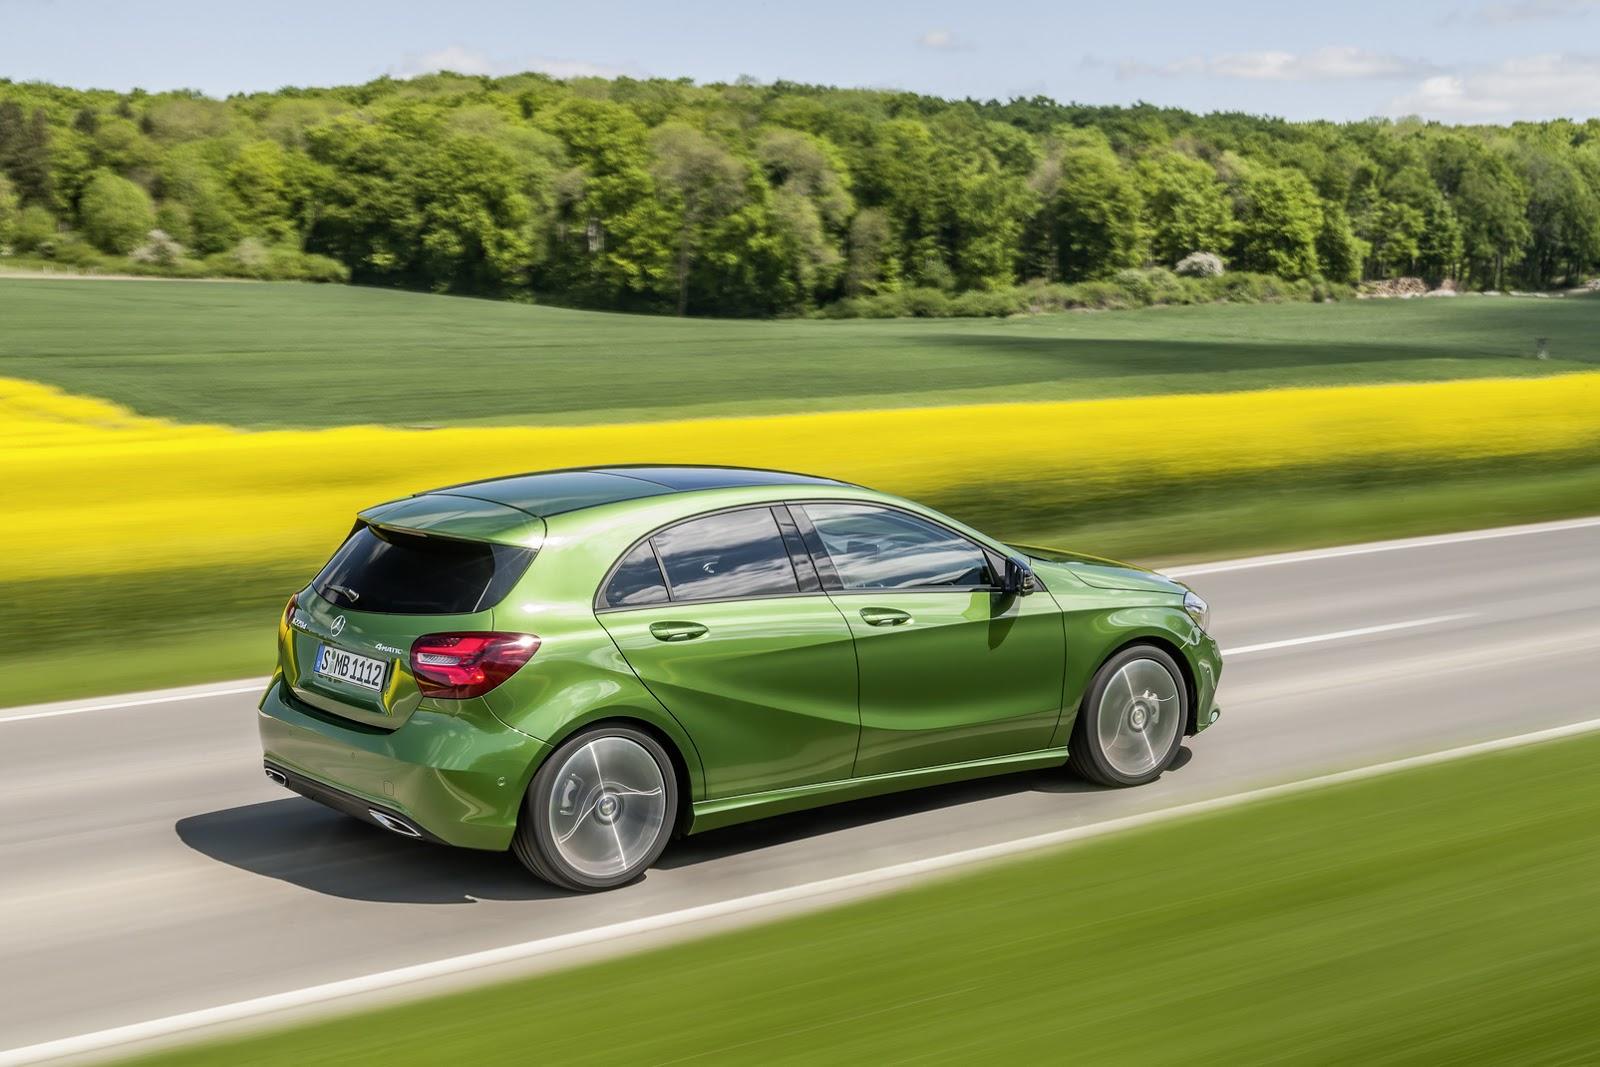 https://www.benzinsider.com/wp-content/uploads/2015/06/2016-Mercedes-Benz-A-Class-21.jpg